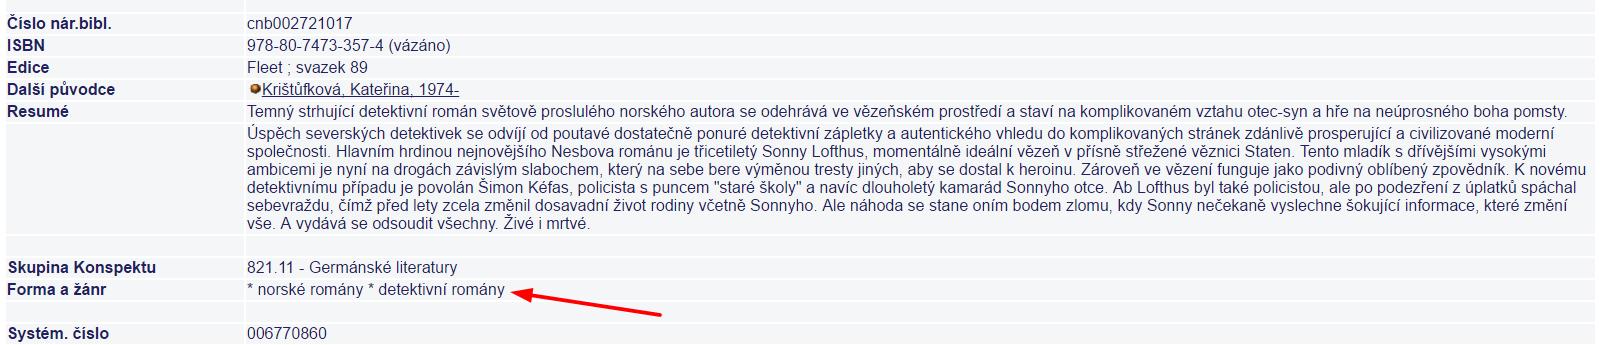 Rešerše v Souborném katalogu ČR